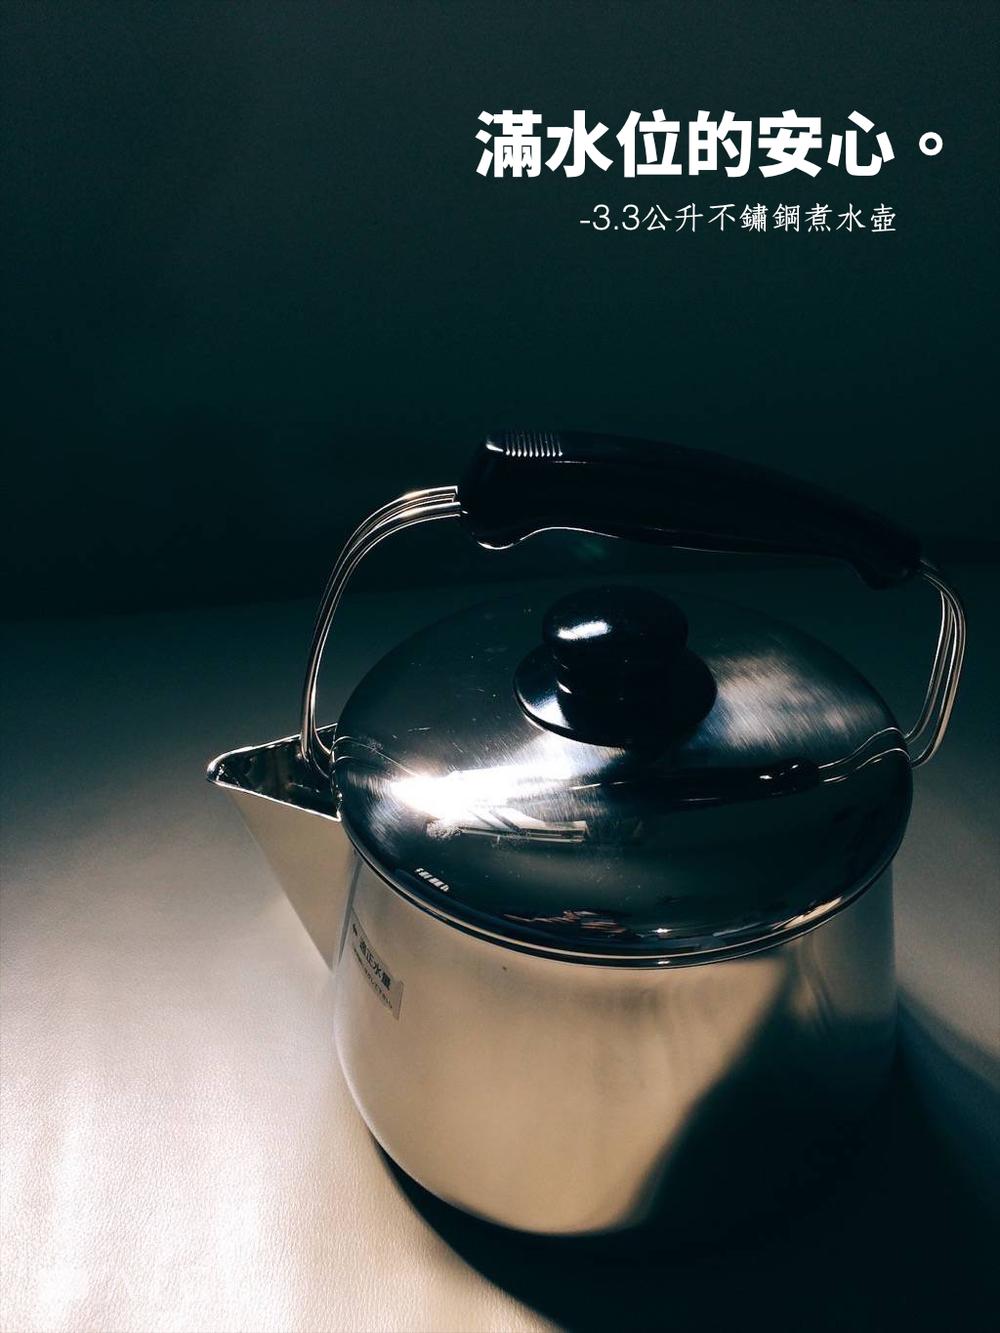 不鏽鋼煮水壺 - 2,280元